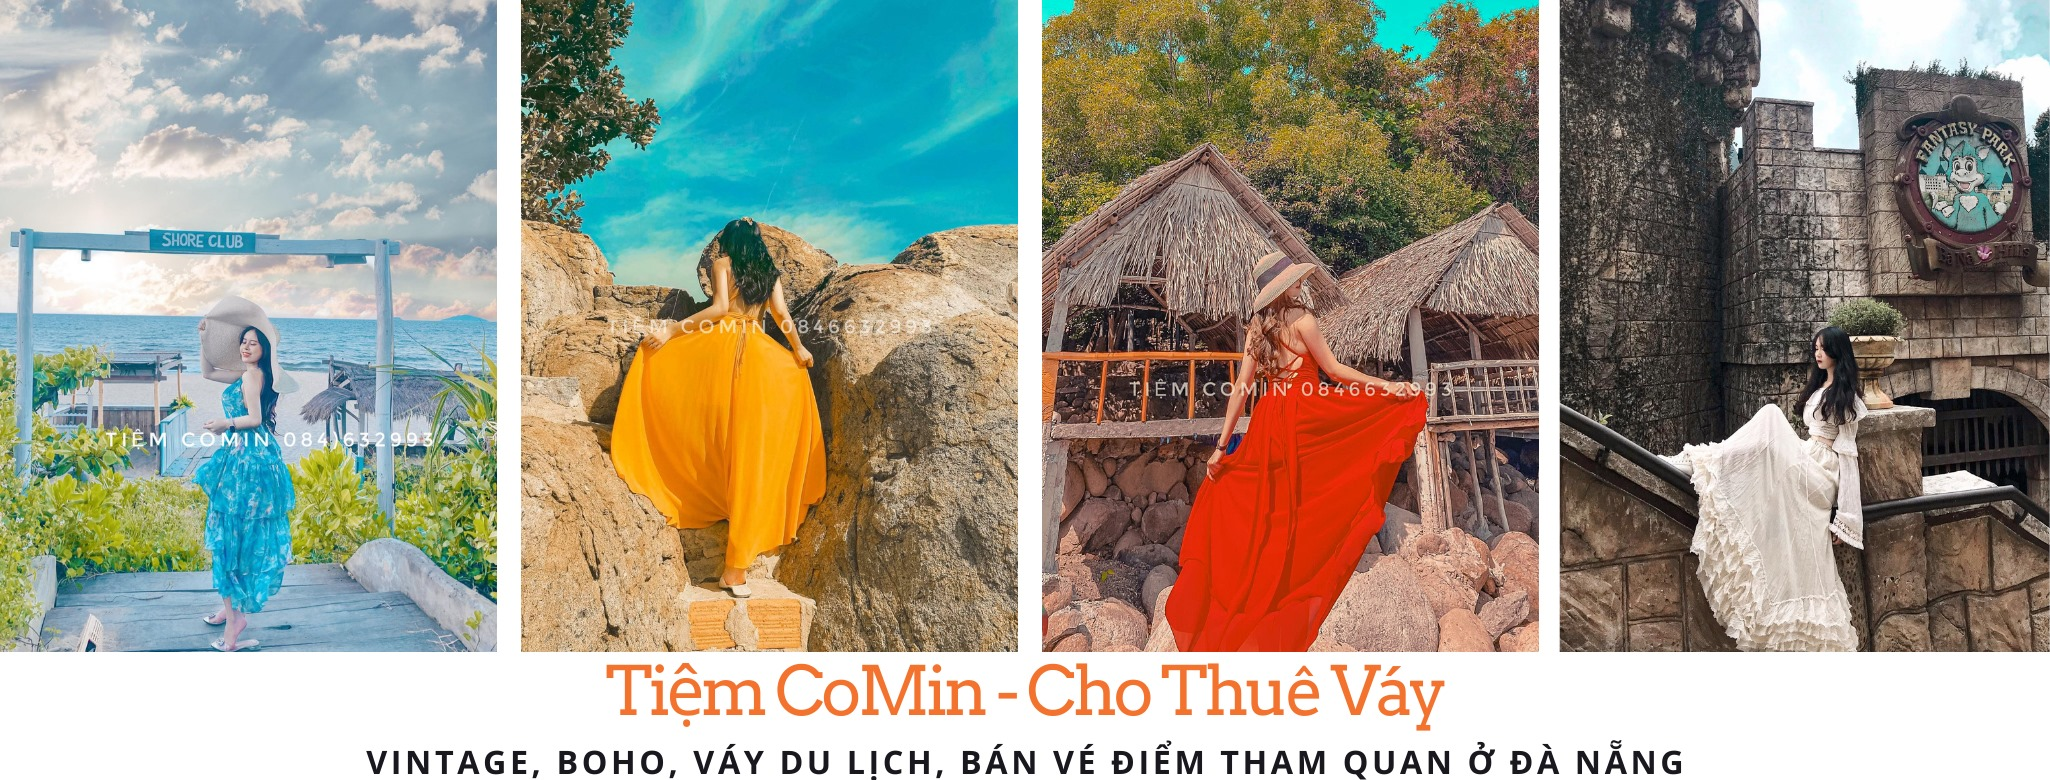 Tiệm CoMin - Cho thuê váy Vintage, Boho du lịch Đà Nẵng